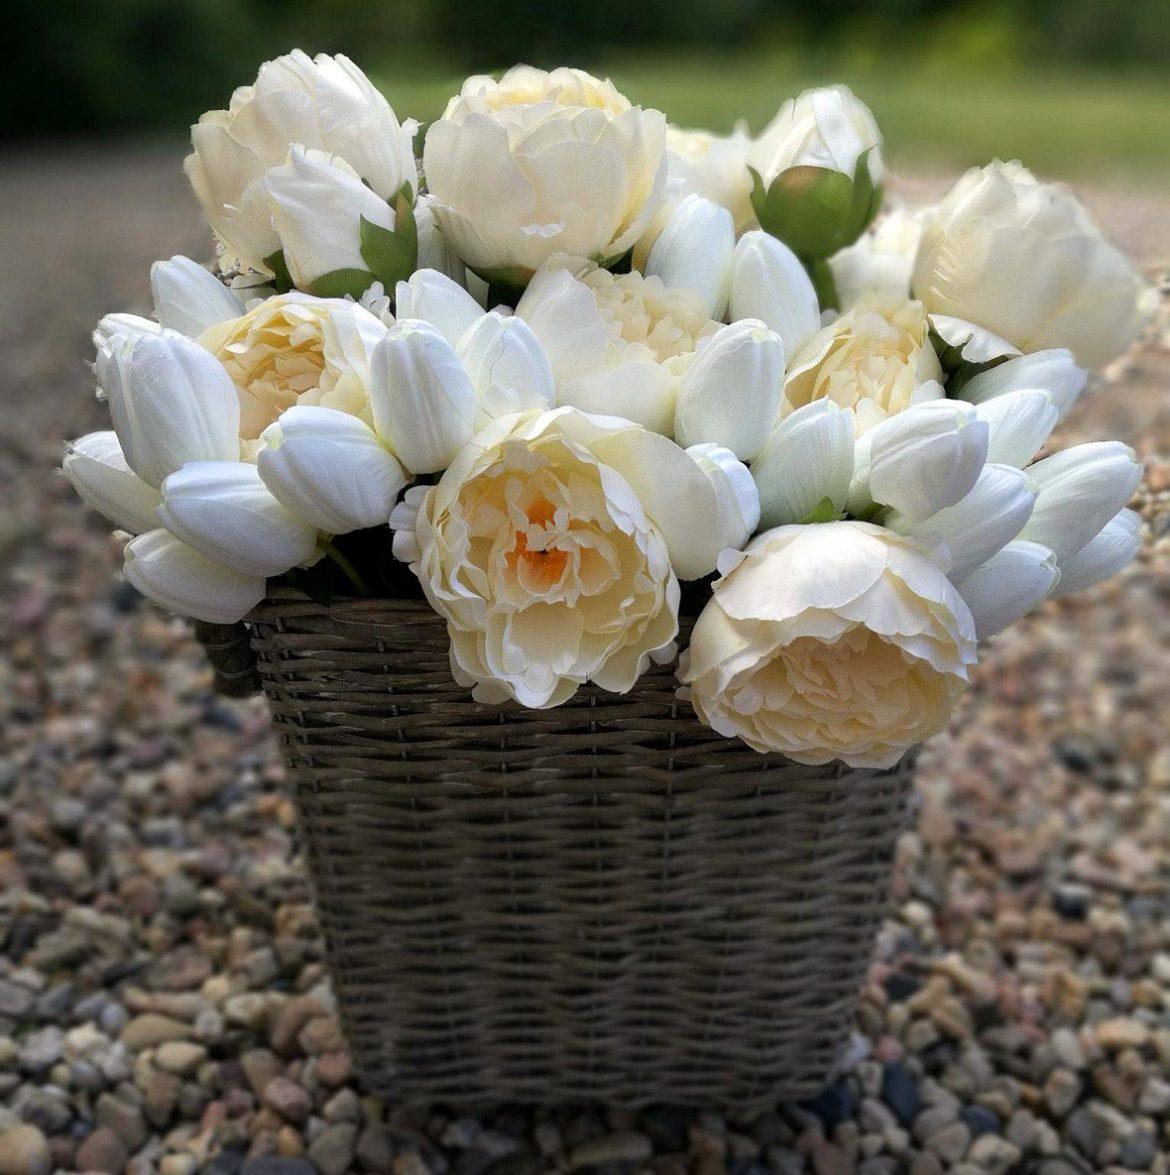 kosz z białymi kwiatami